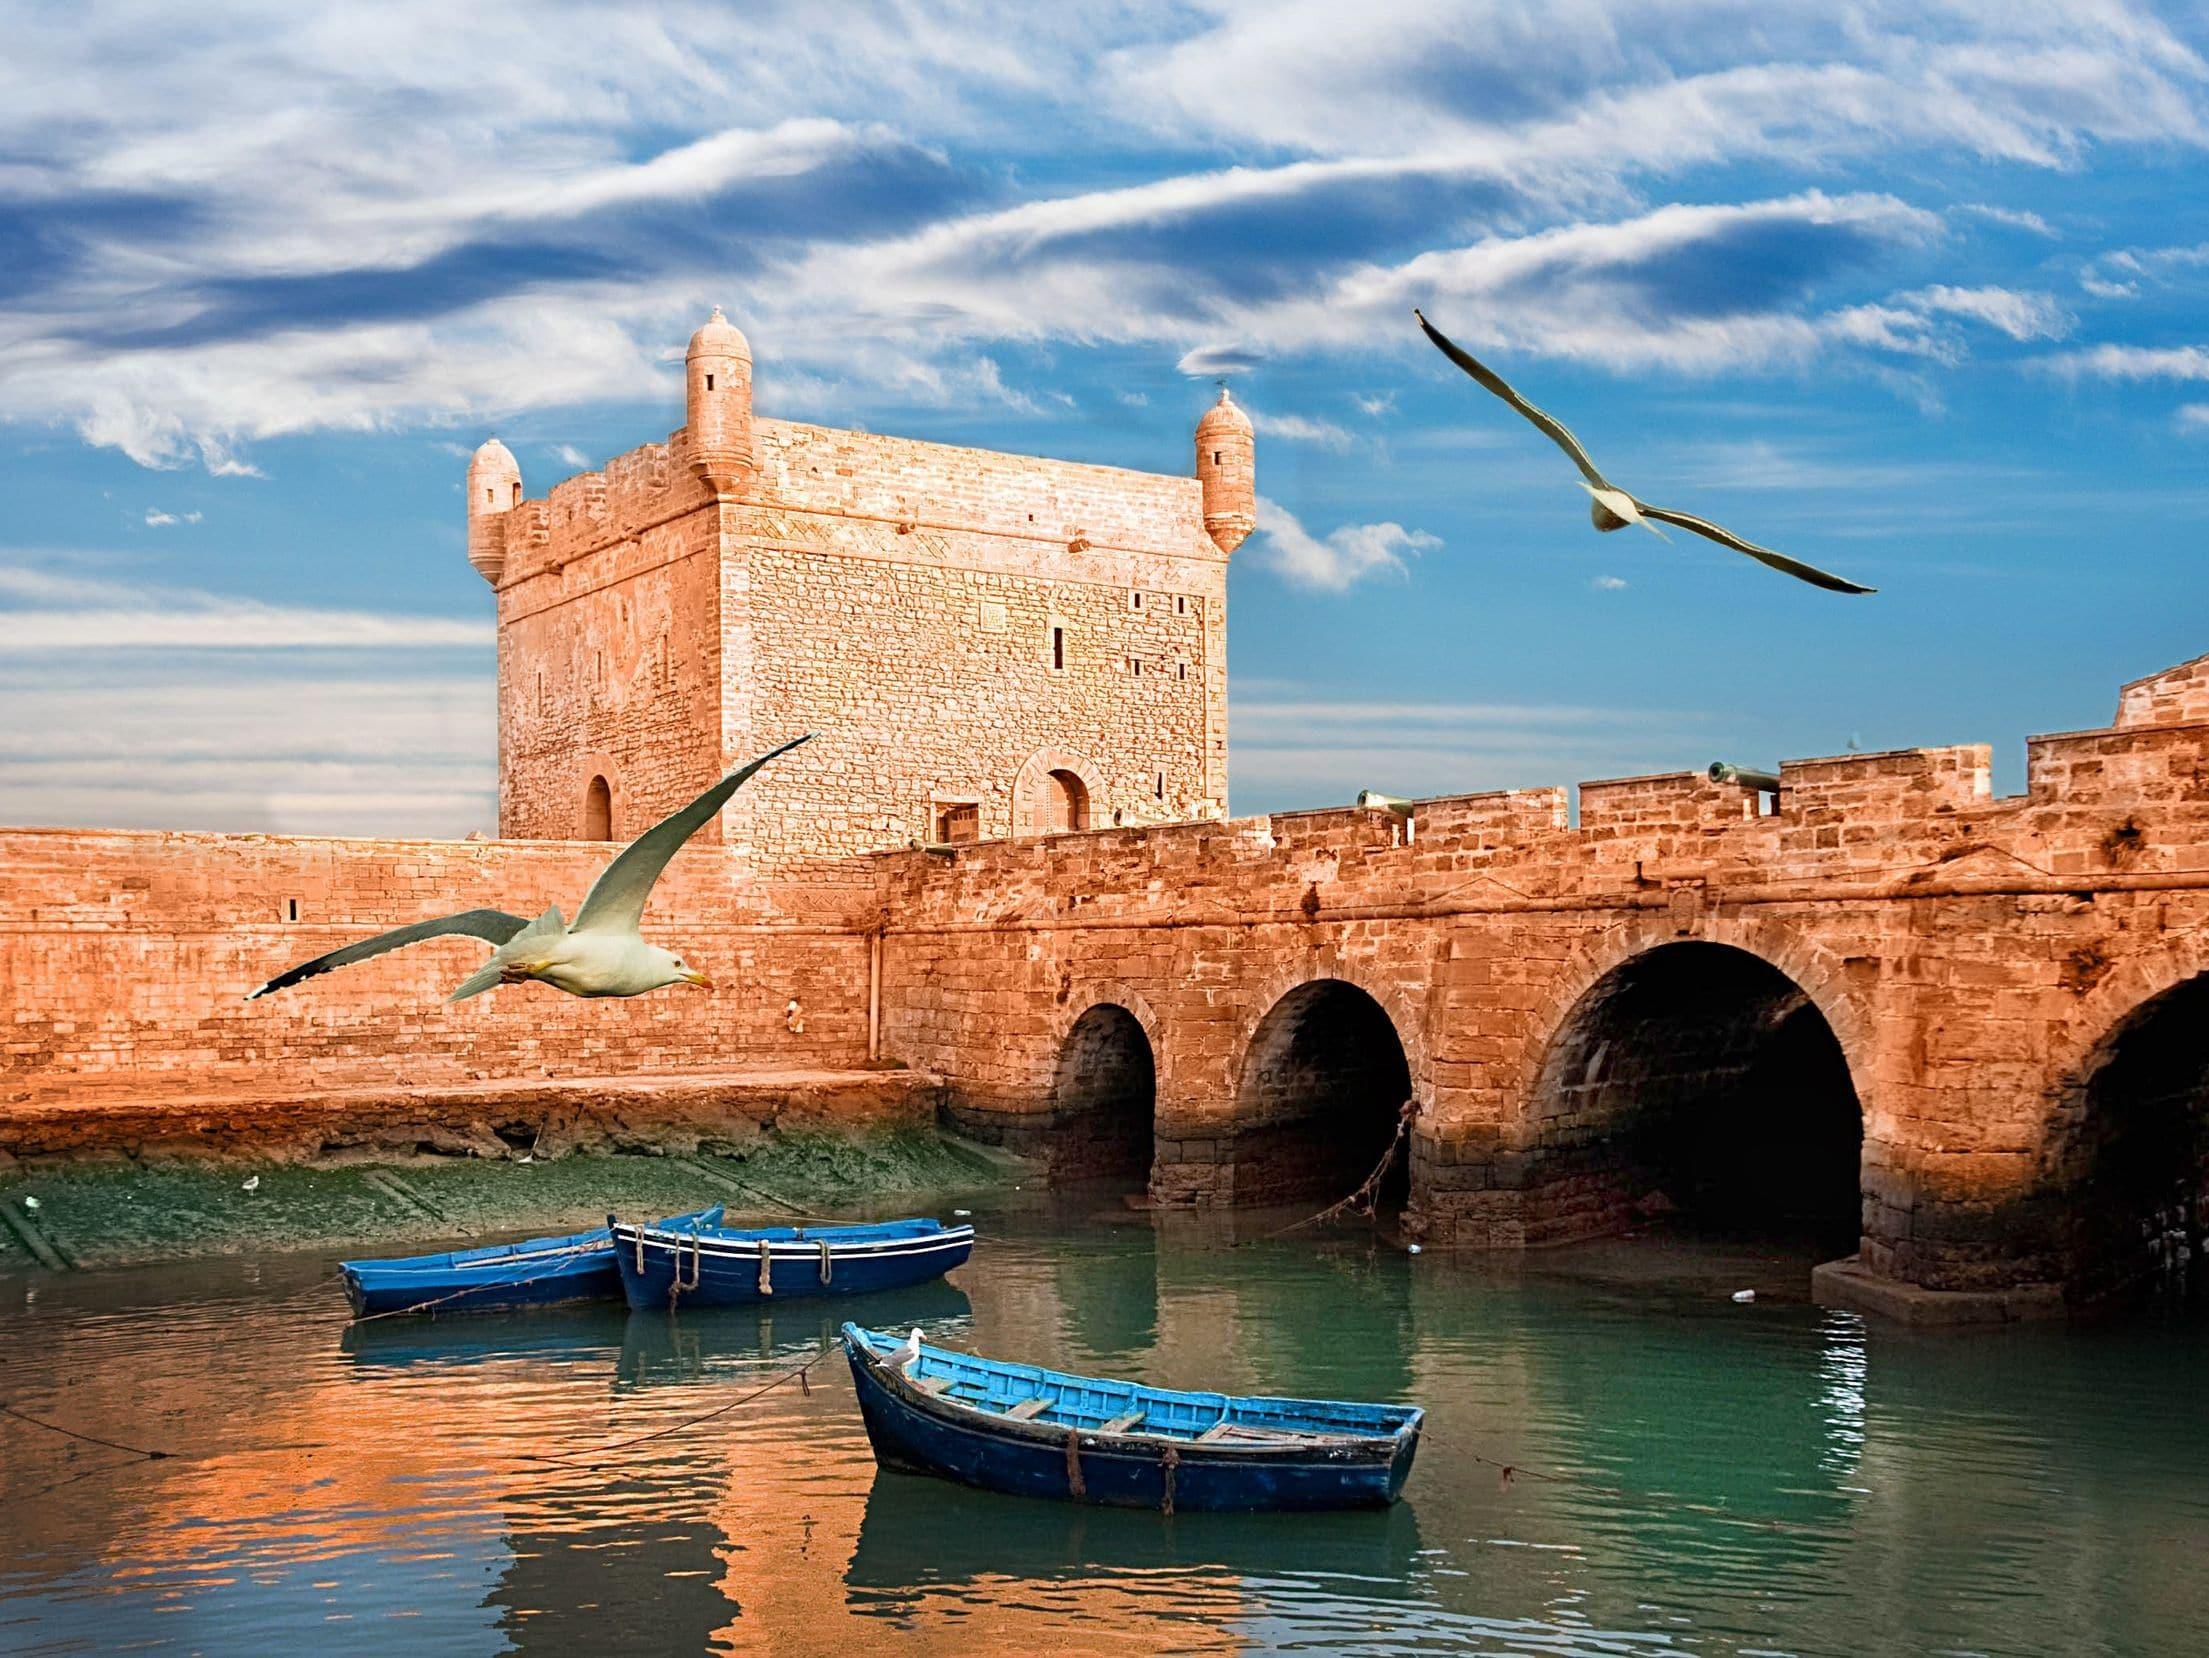 Ruta Marrakech y Essaouira » 5 días / 4 noches desde 331€ 3